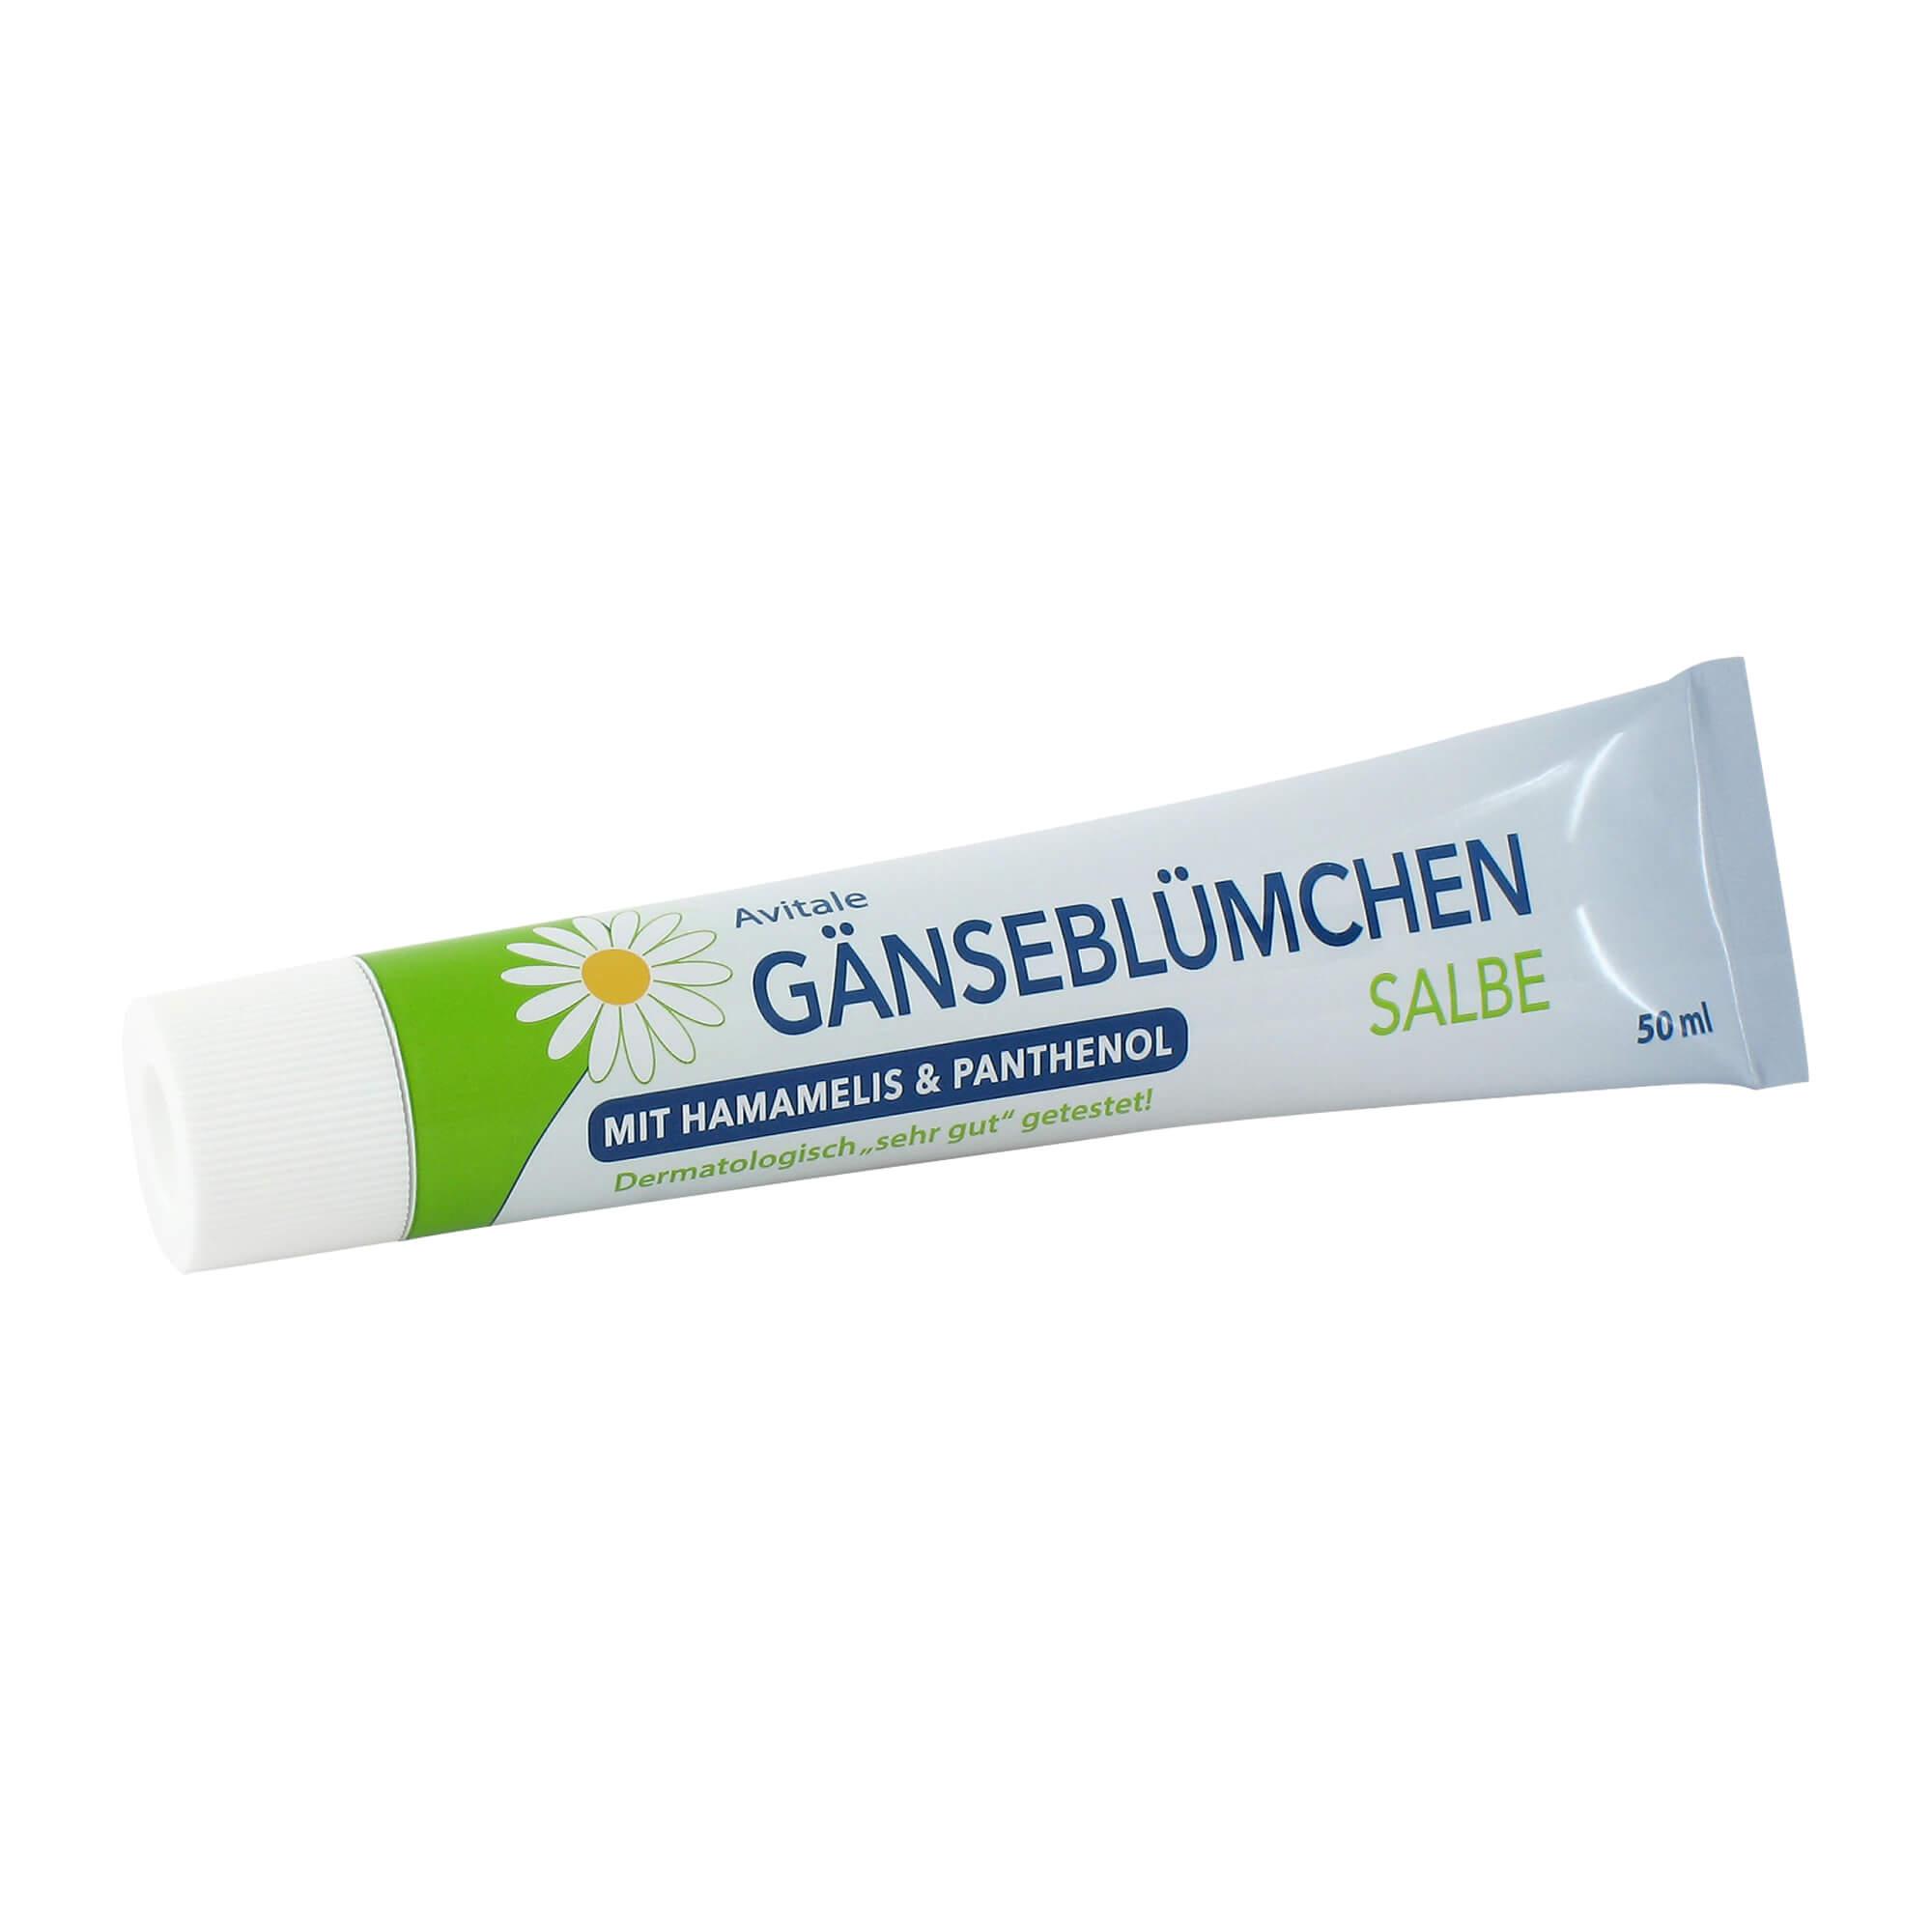 Gänseblümchen Salbe mit Hamamelis & Panthenol